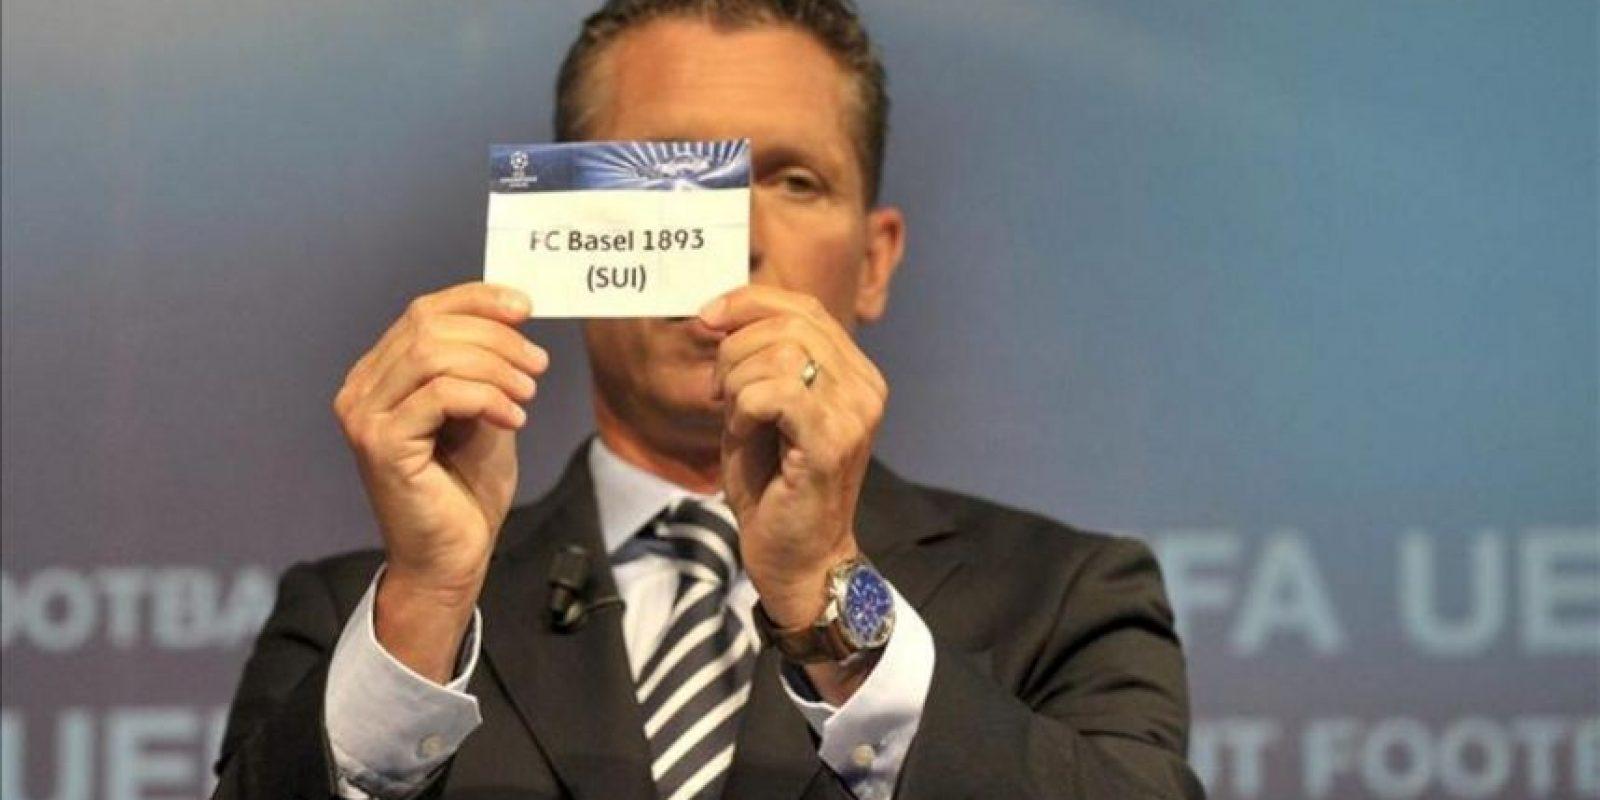 El director de competiciones de clubes de la UEFA, Michael Heselschwerdt, muestra la papeleta del Basilea suizo durante el sorteo de los emparejamientos de las dos primeras rondas de la Liga de Campeones y de la Liga Europa. EFE